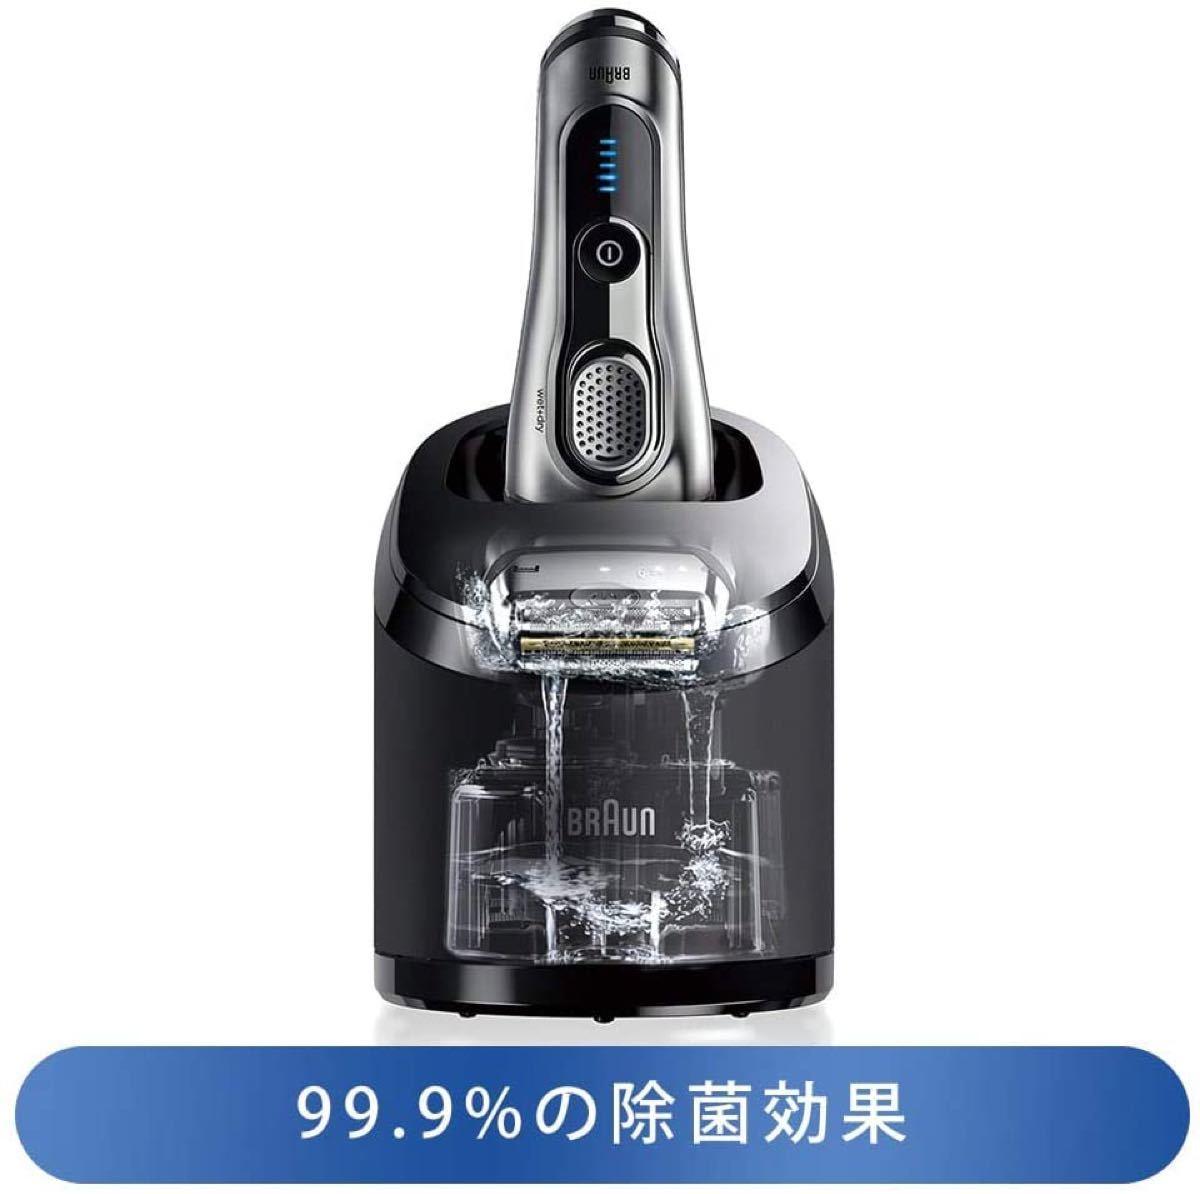 ブラウン アルコール洗浄液 交換用カートリッジ 6個セット 正規品